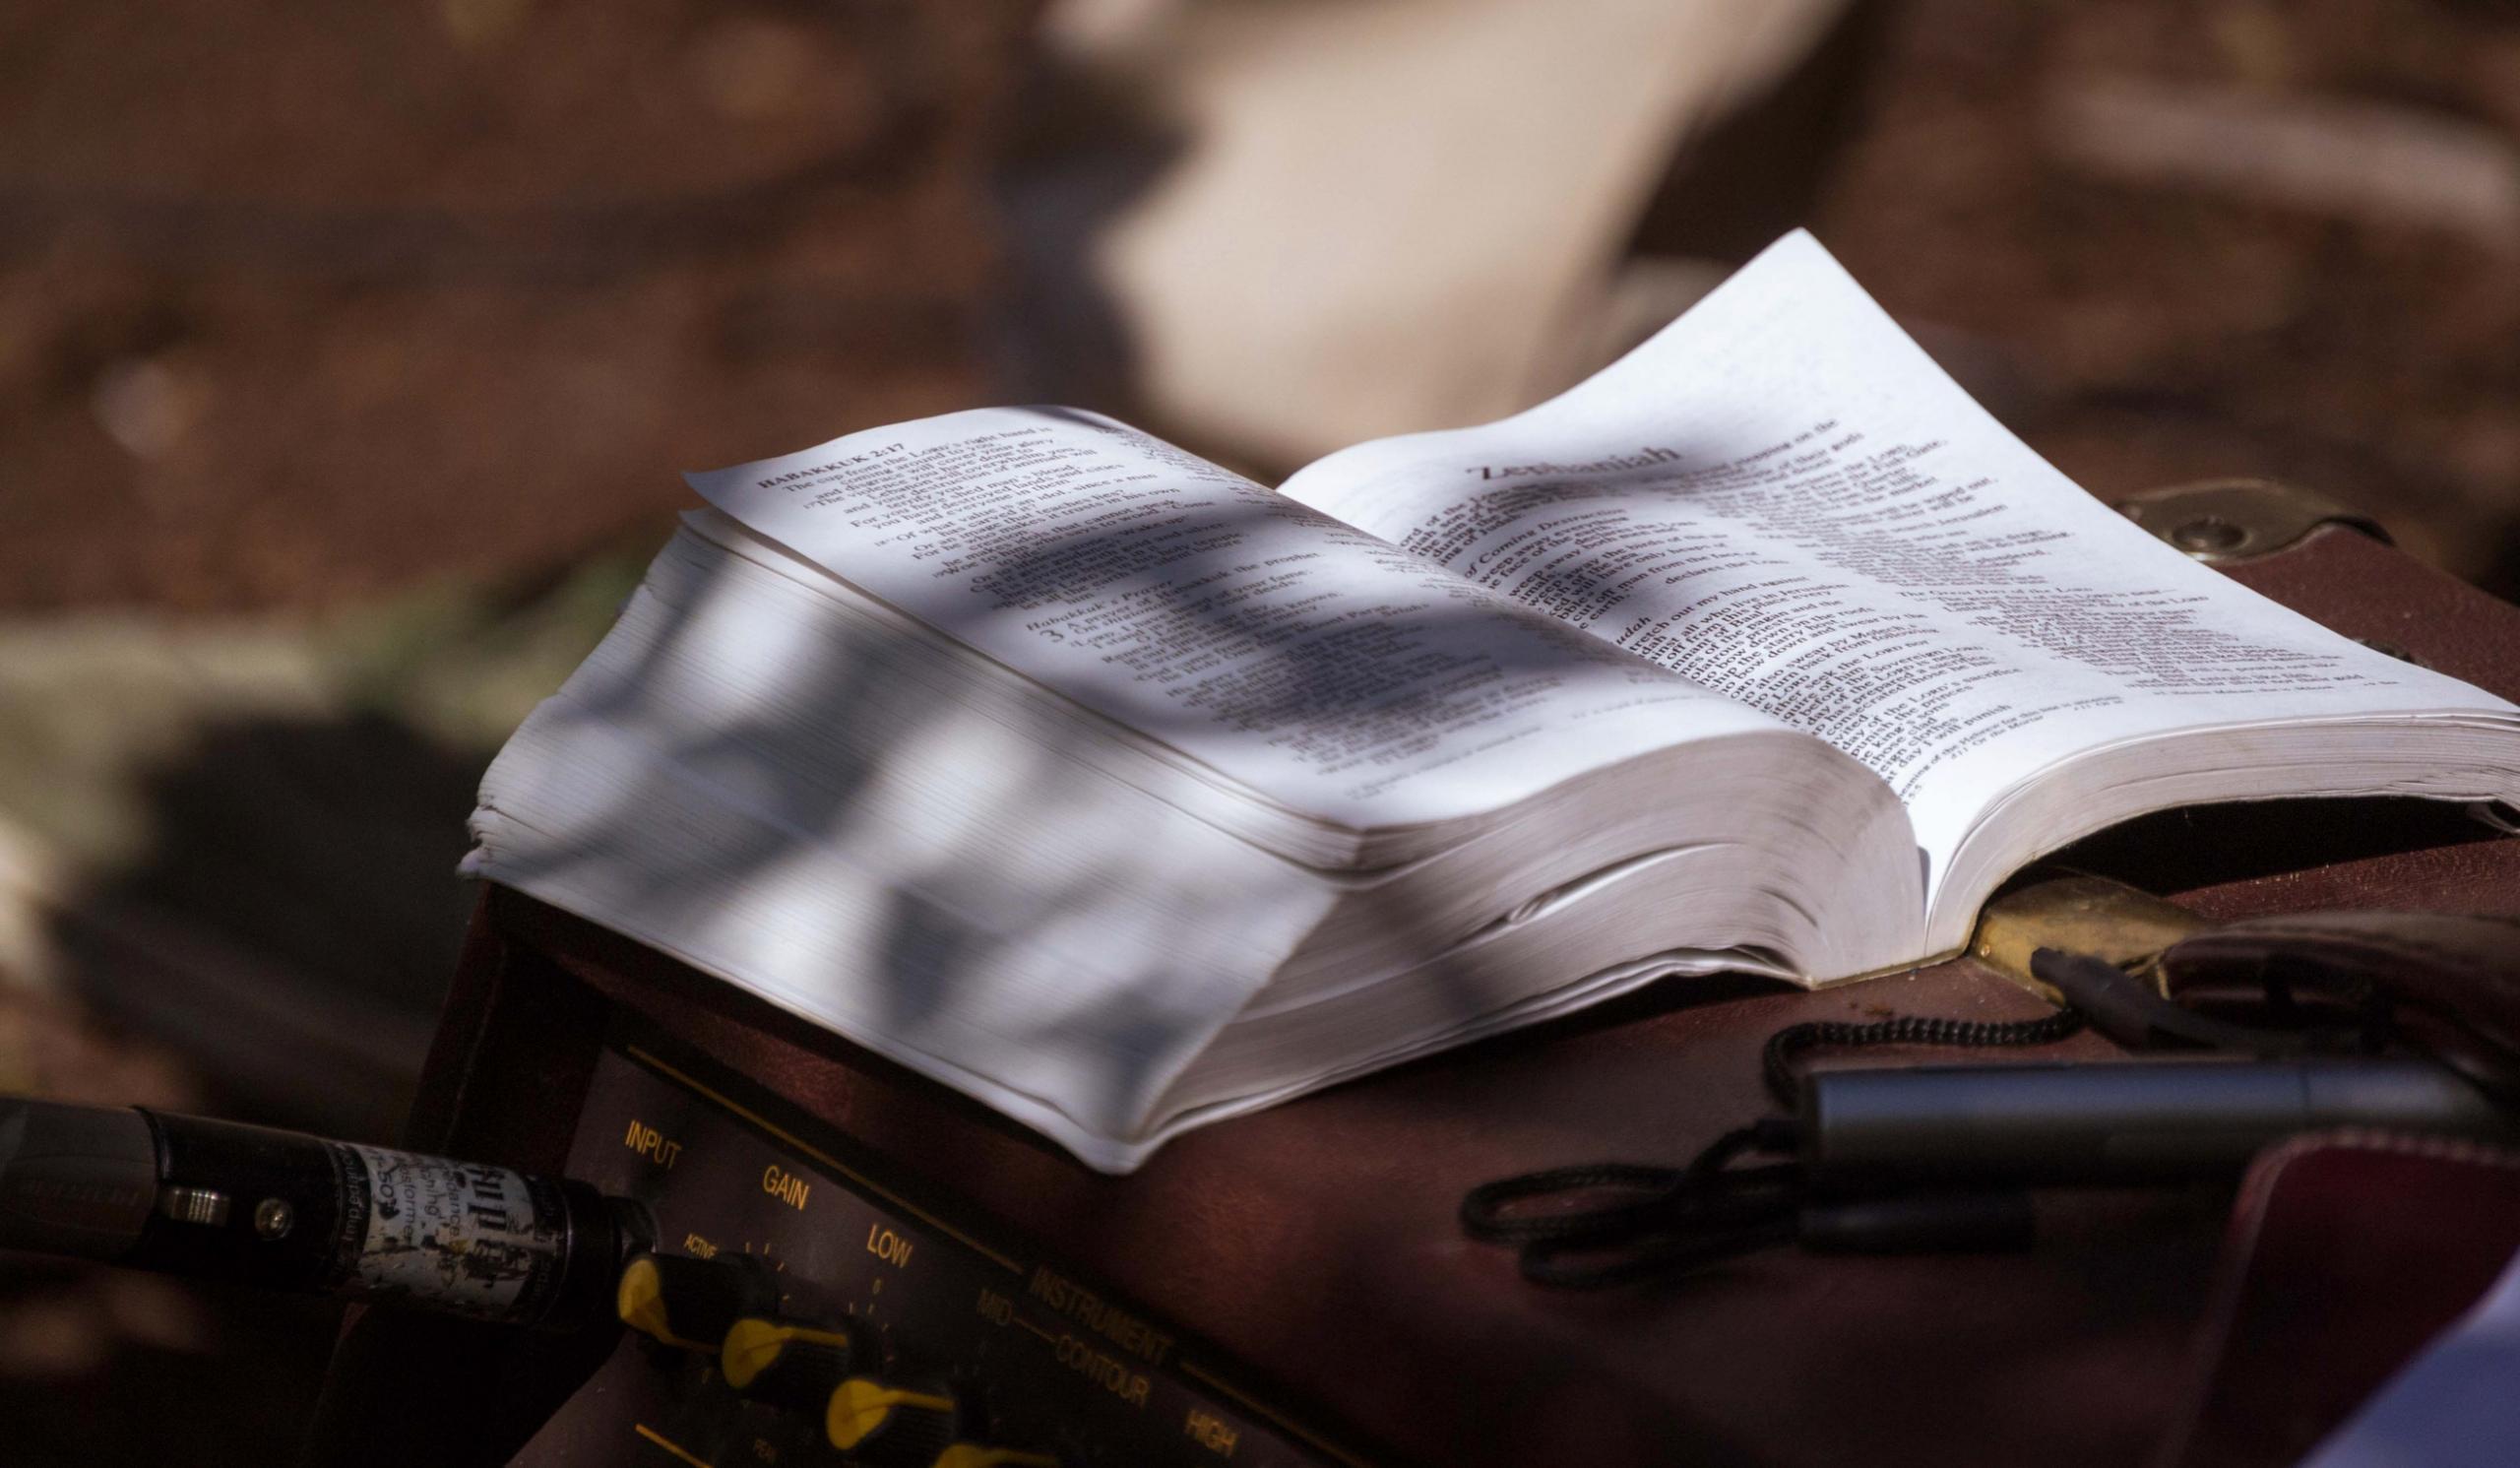 International Church the Garden - Bible